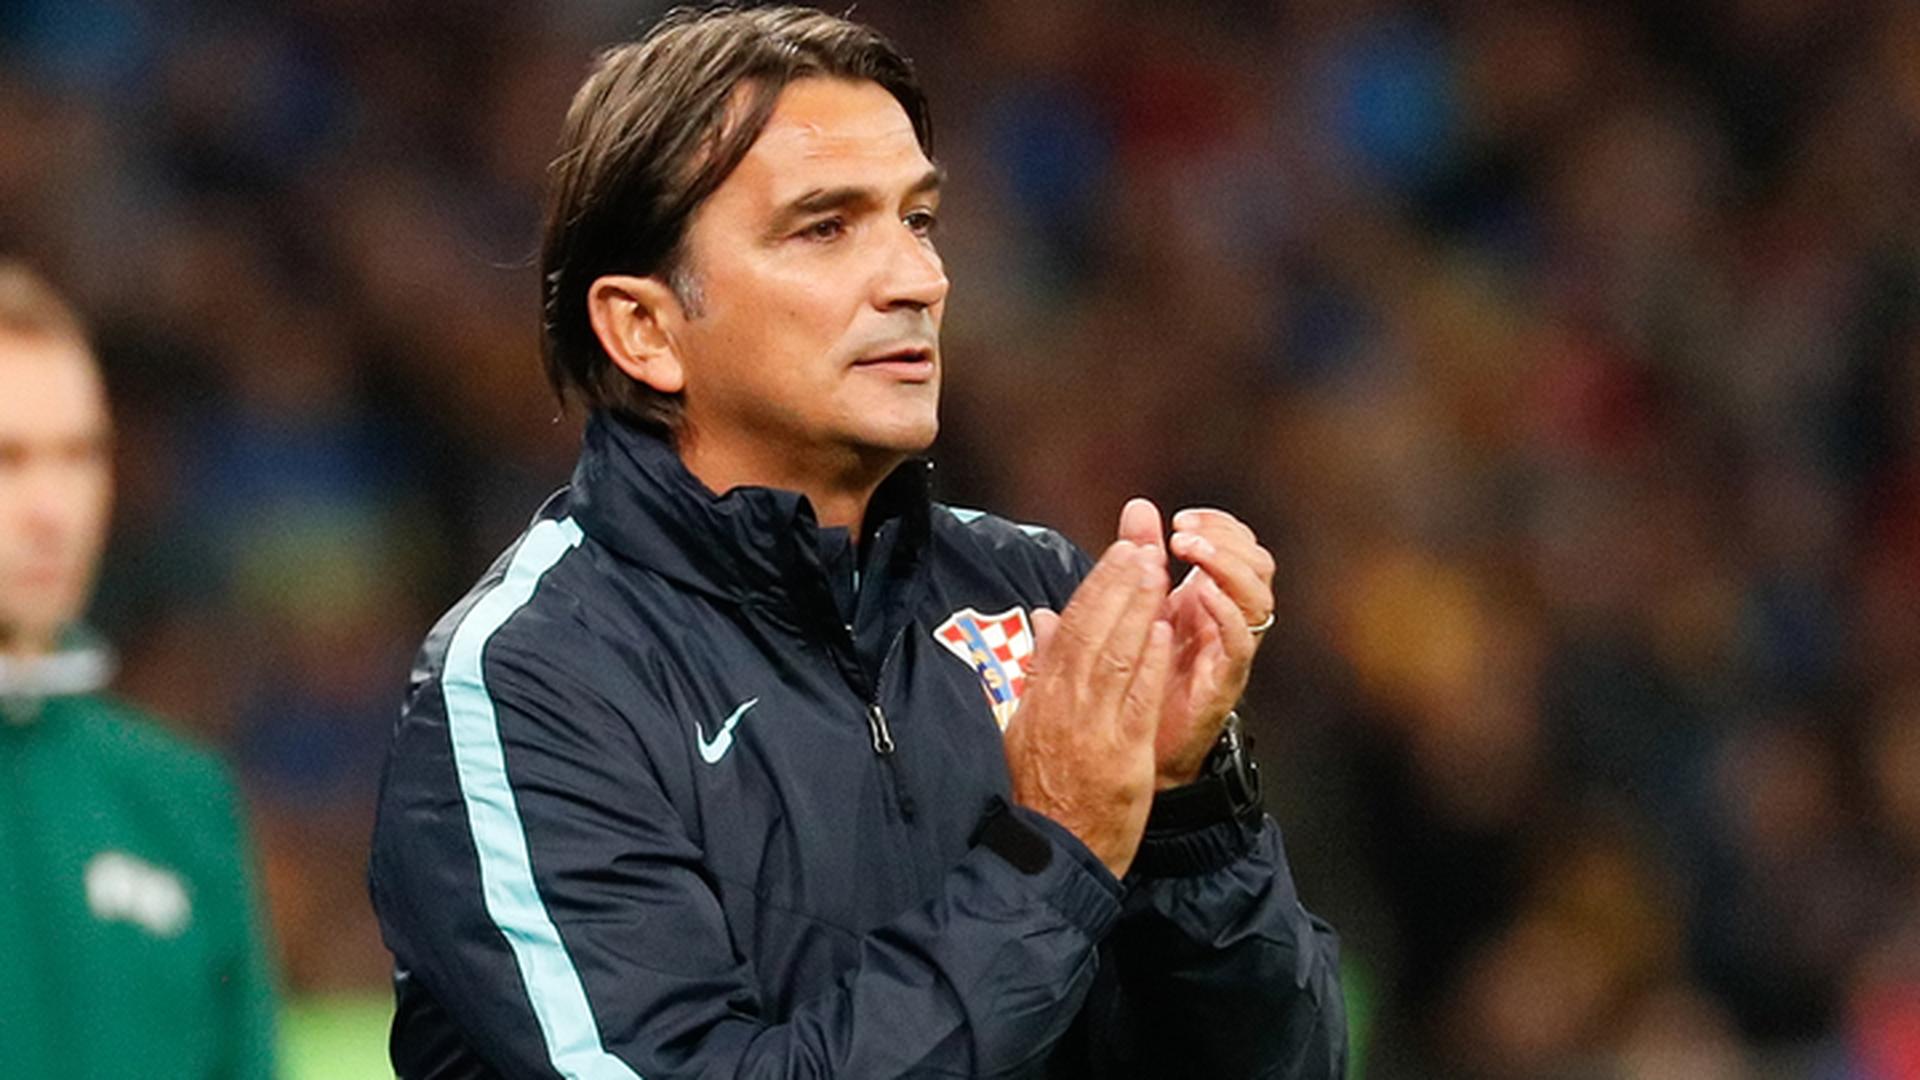 Тренер сборной Хорватии Далич: теперь у нас будет больше болельщиков на турнире